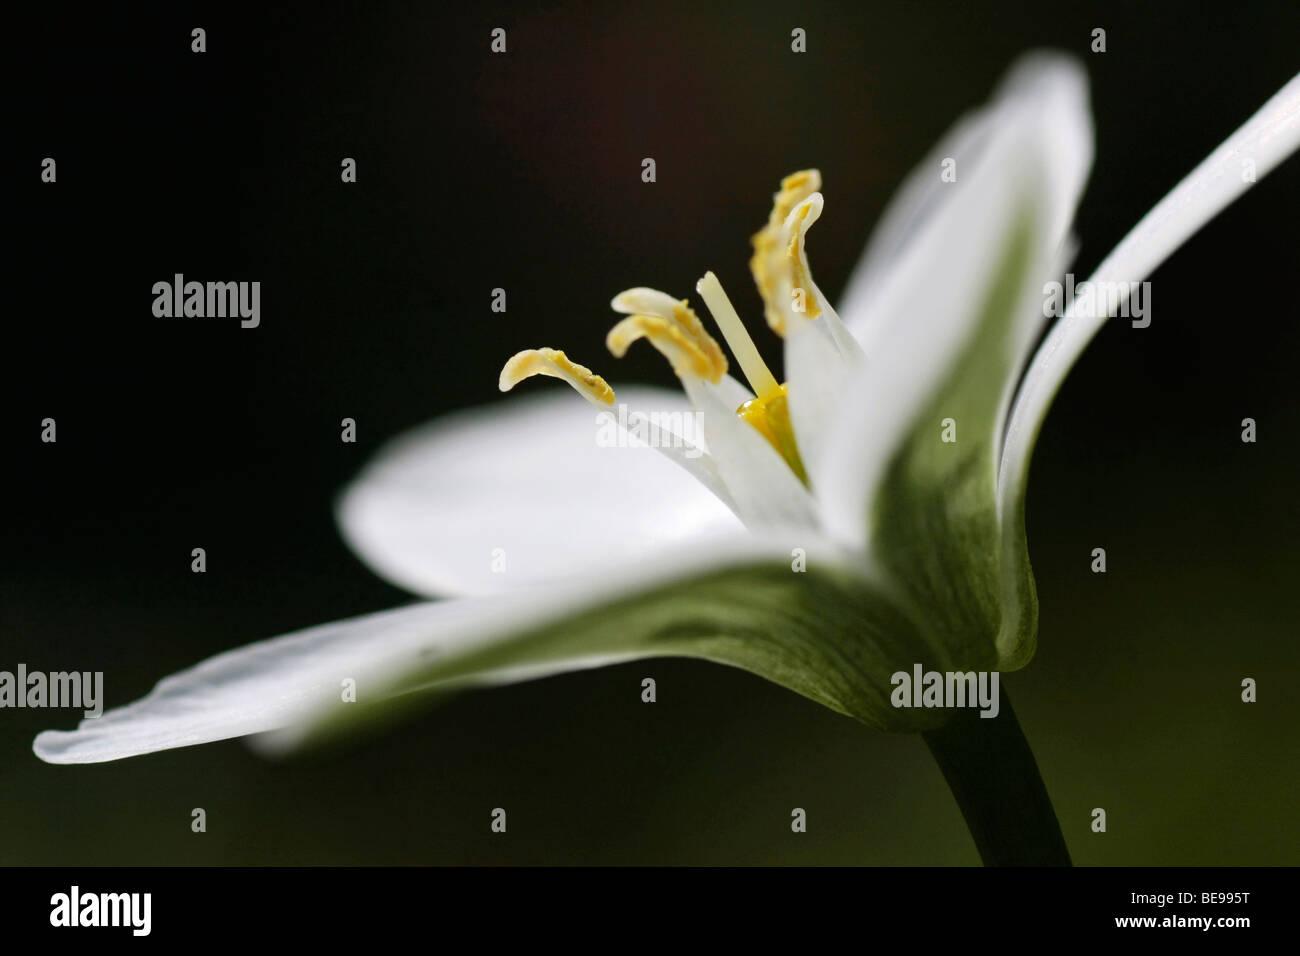 Witte bloem van Vogelmelk met een donkere achtergrond; White flower oof Sleepydick with darck background Stock Photo